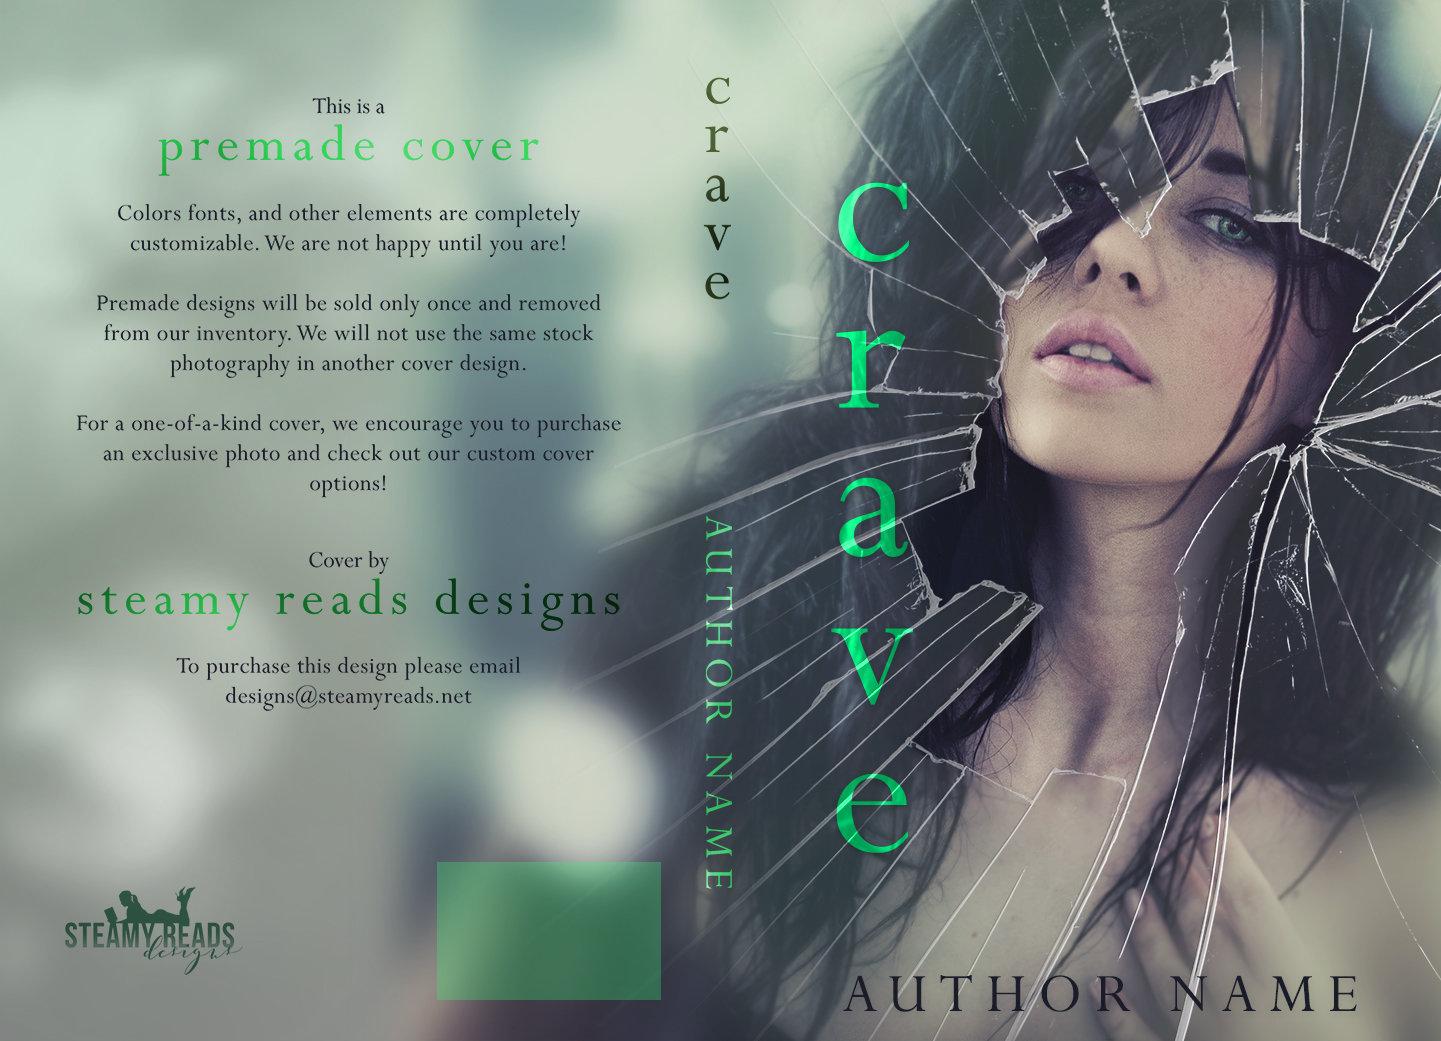 Crave - Premade Cover 00017